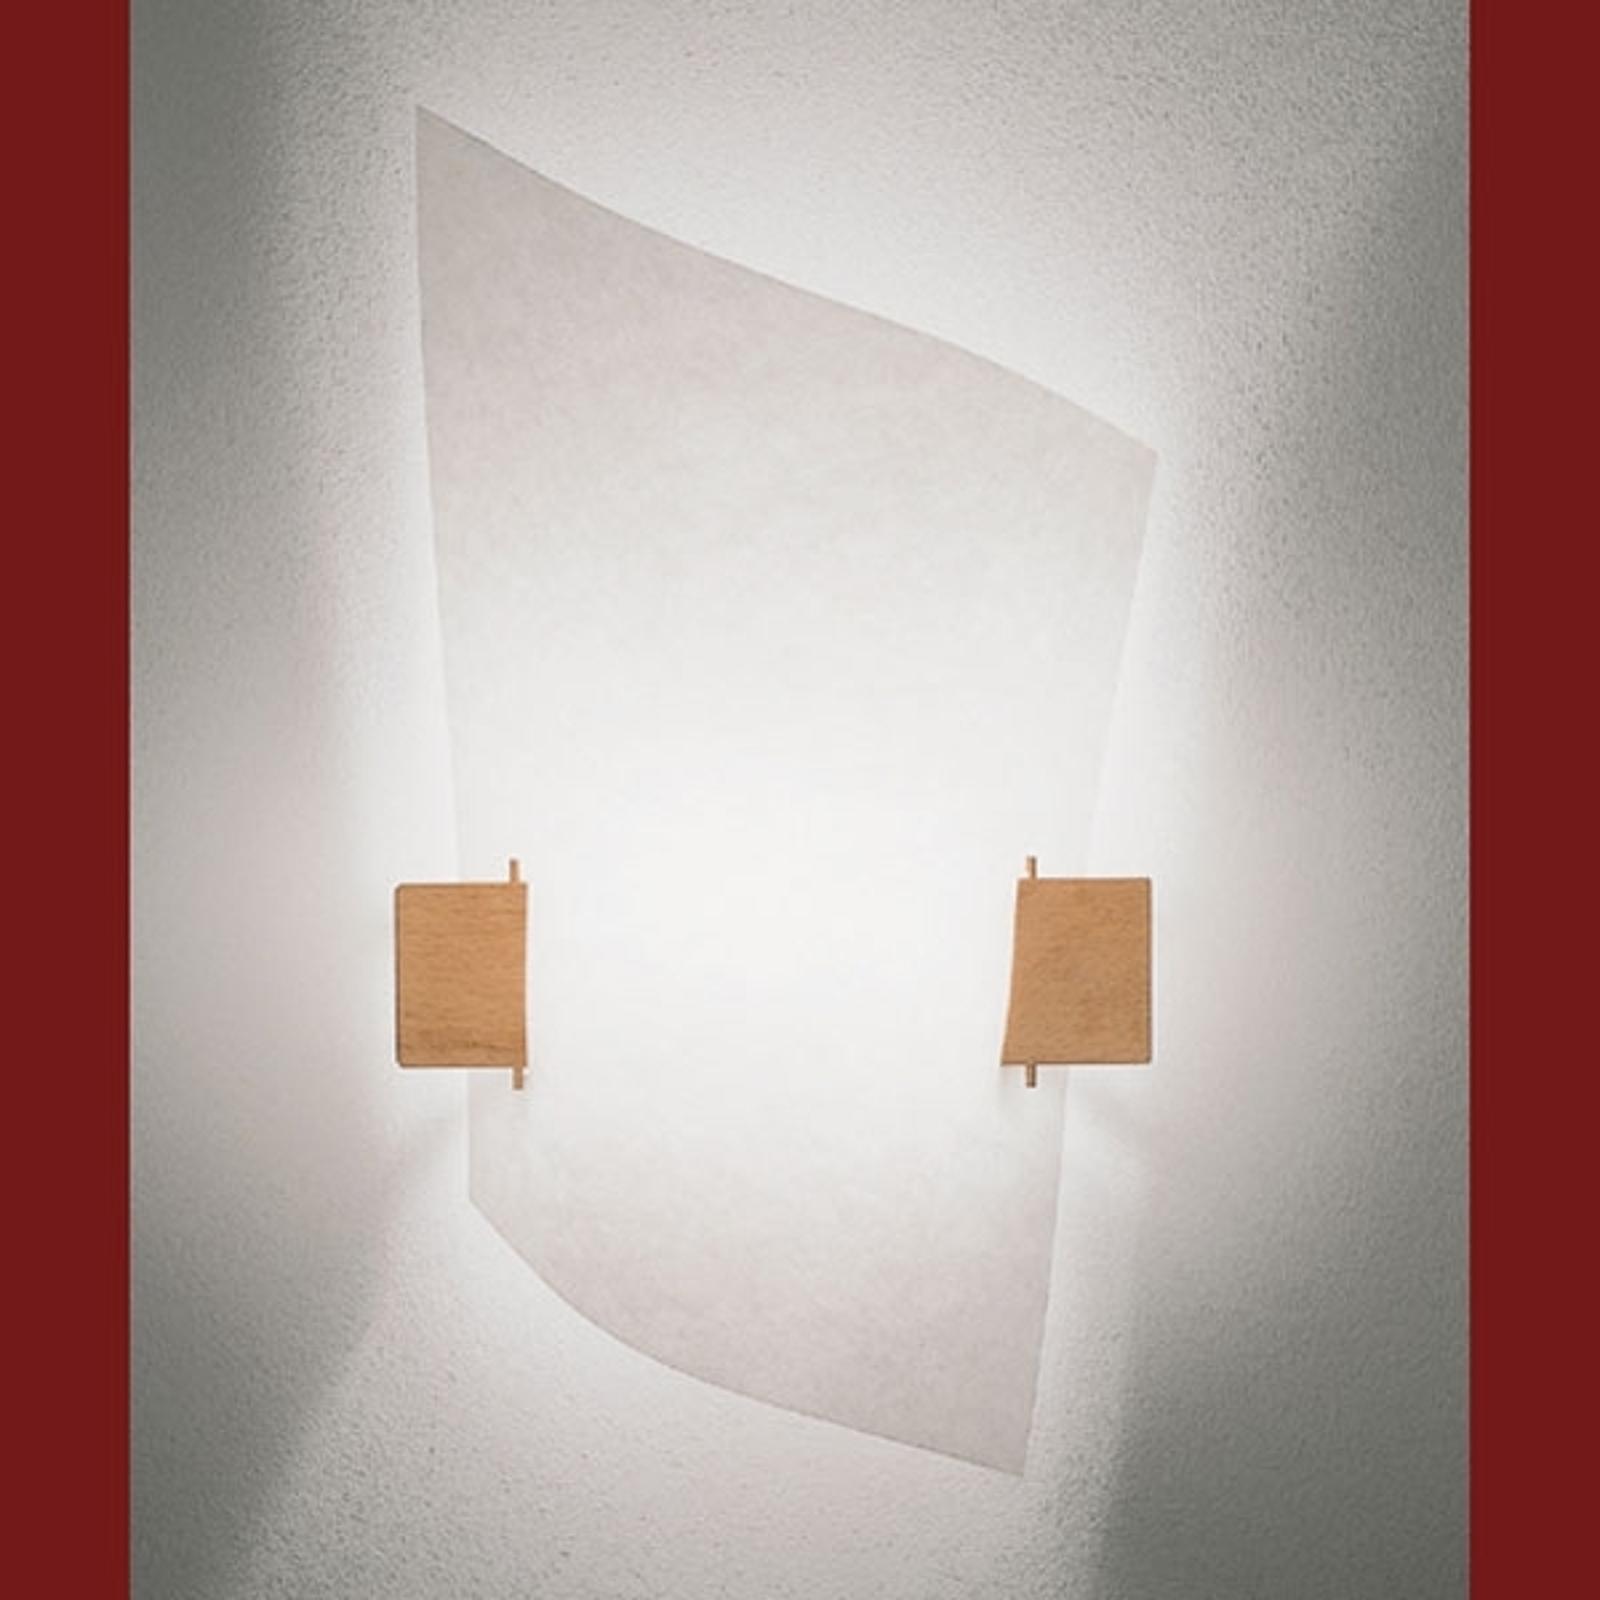 Designerwandleuchte PLAN B mit hellem Holz